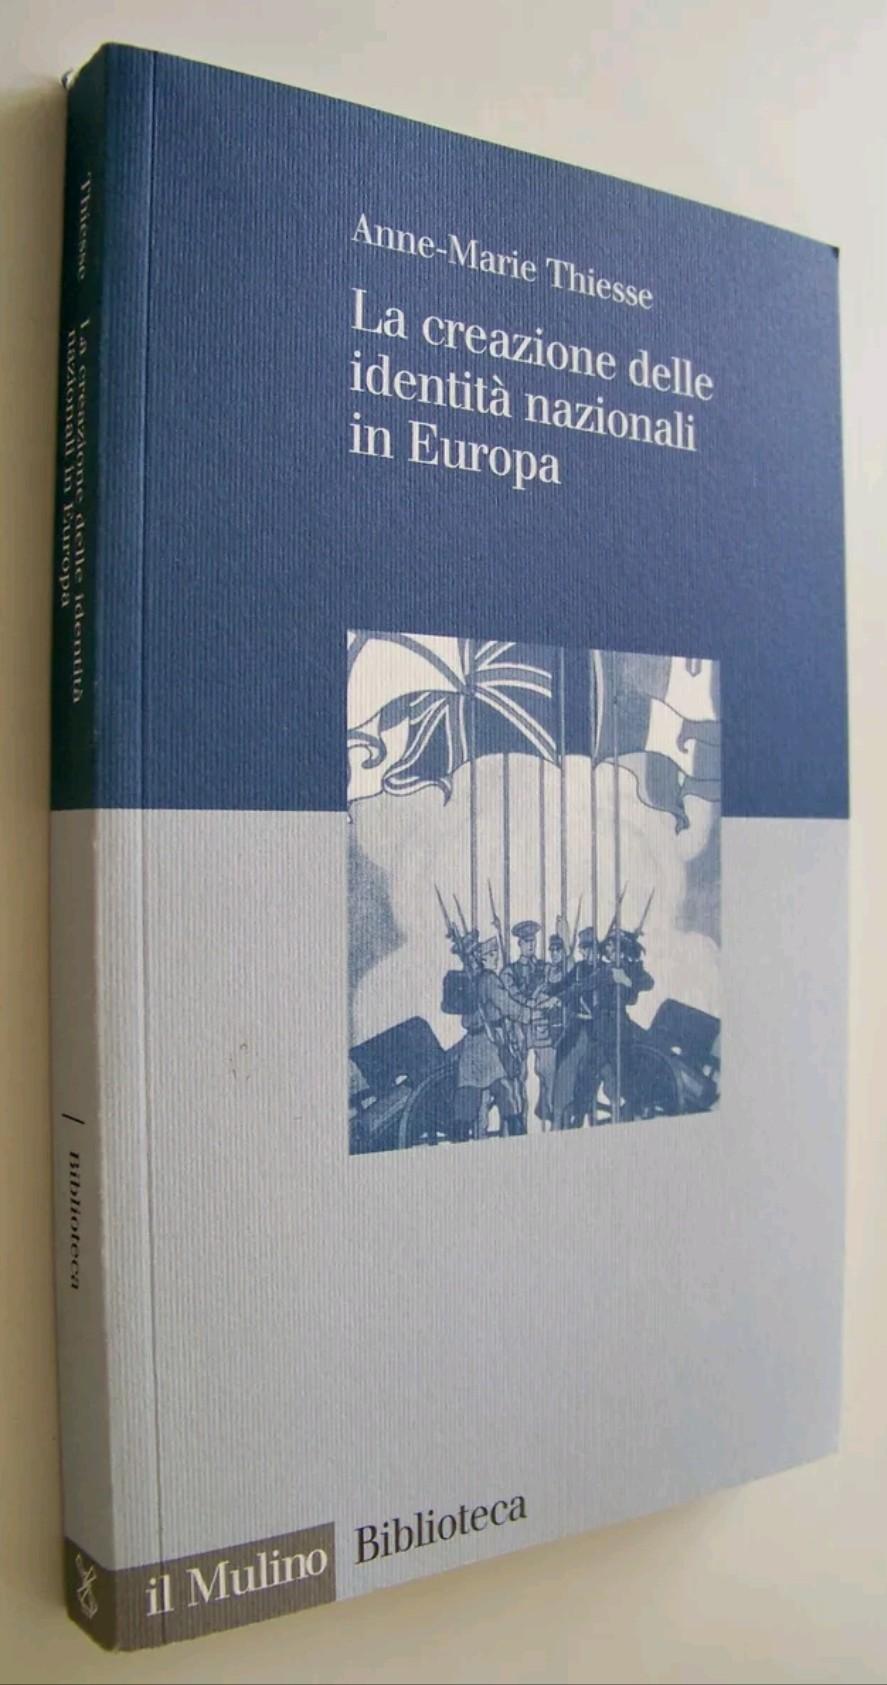 La creazione delle identità nazionali in Europa Anne-Marie Thiesse Il Mulino. Raro e ricercato.